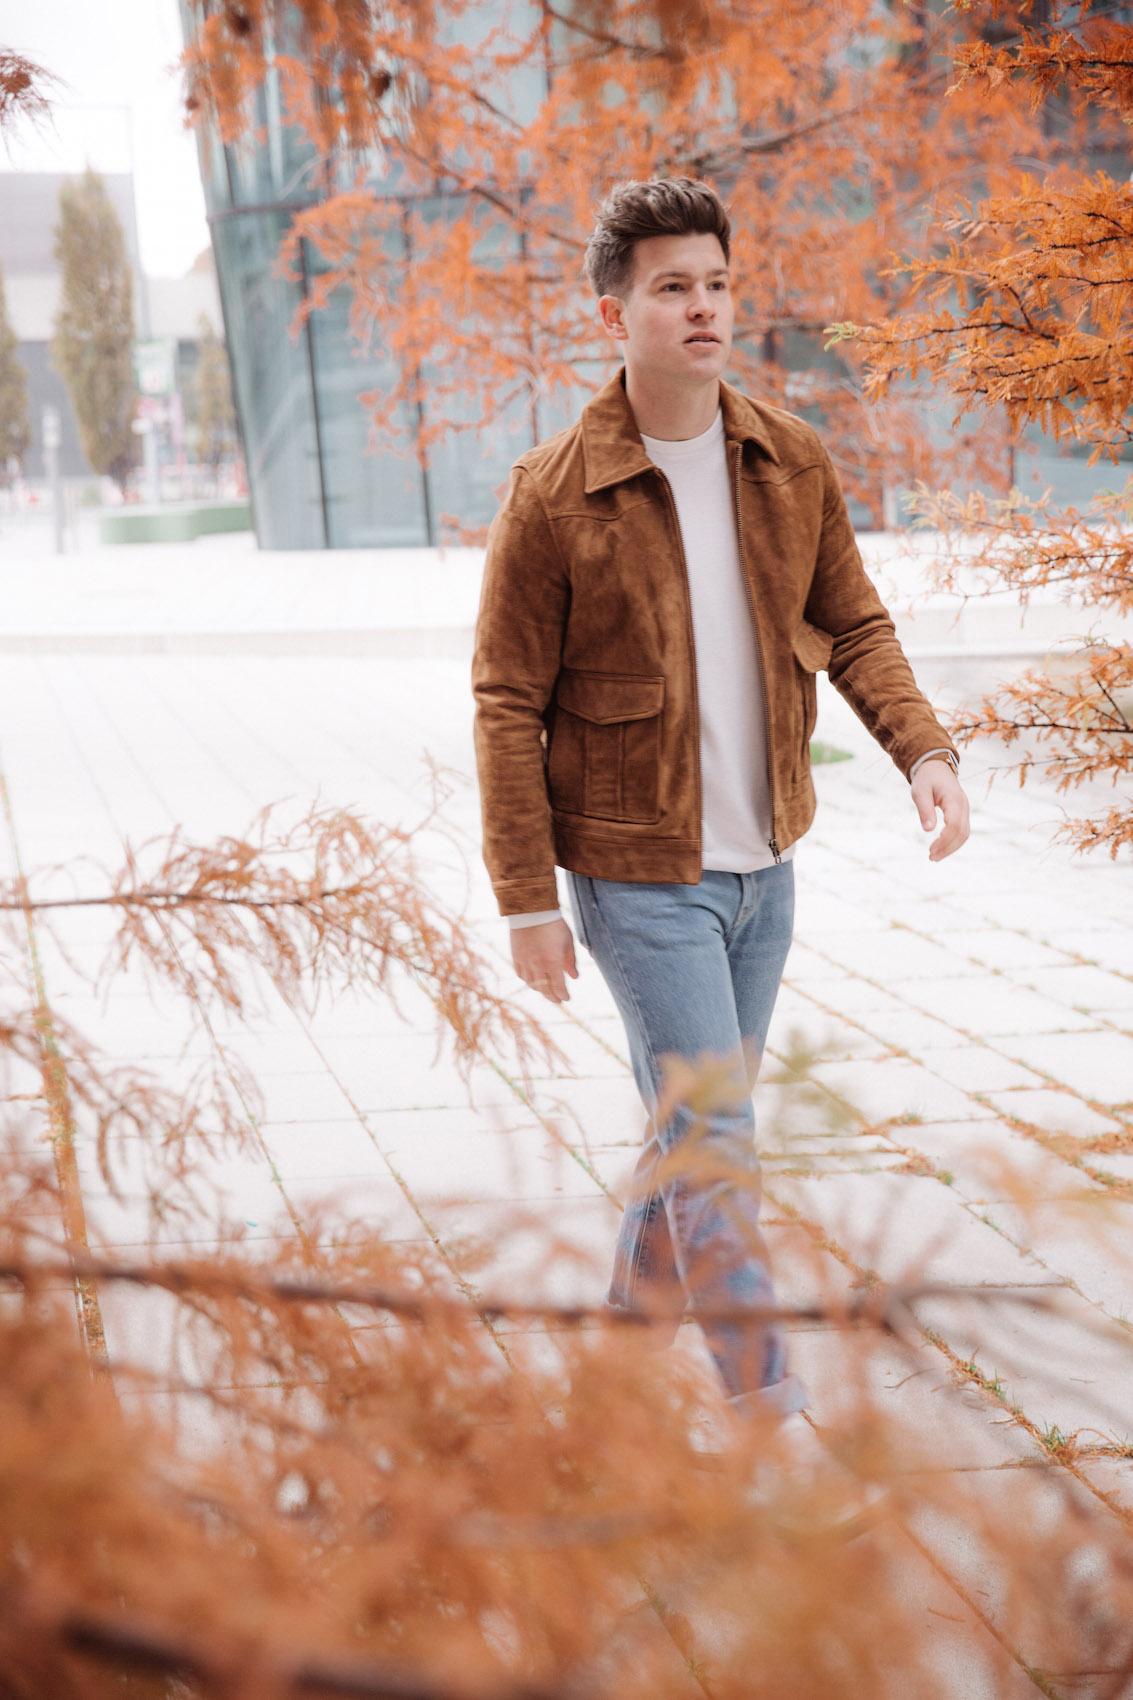 weekday Herbstoutfit Wildlederjacke 90er Jahre Jeans und Stickpulli Outfitpost von Meanwhile in Awesometown - Wiener Männermode und Lifestyle Blogger